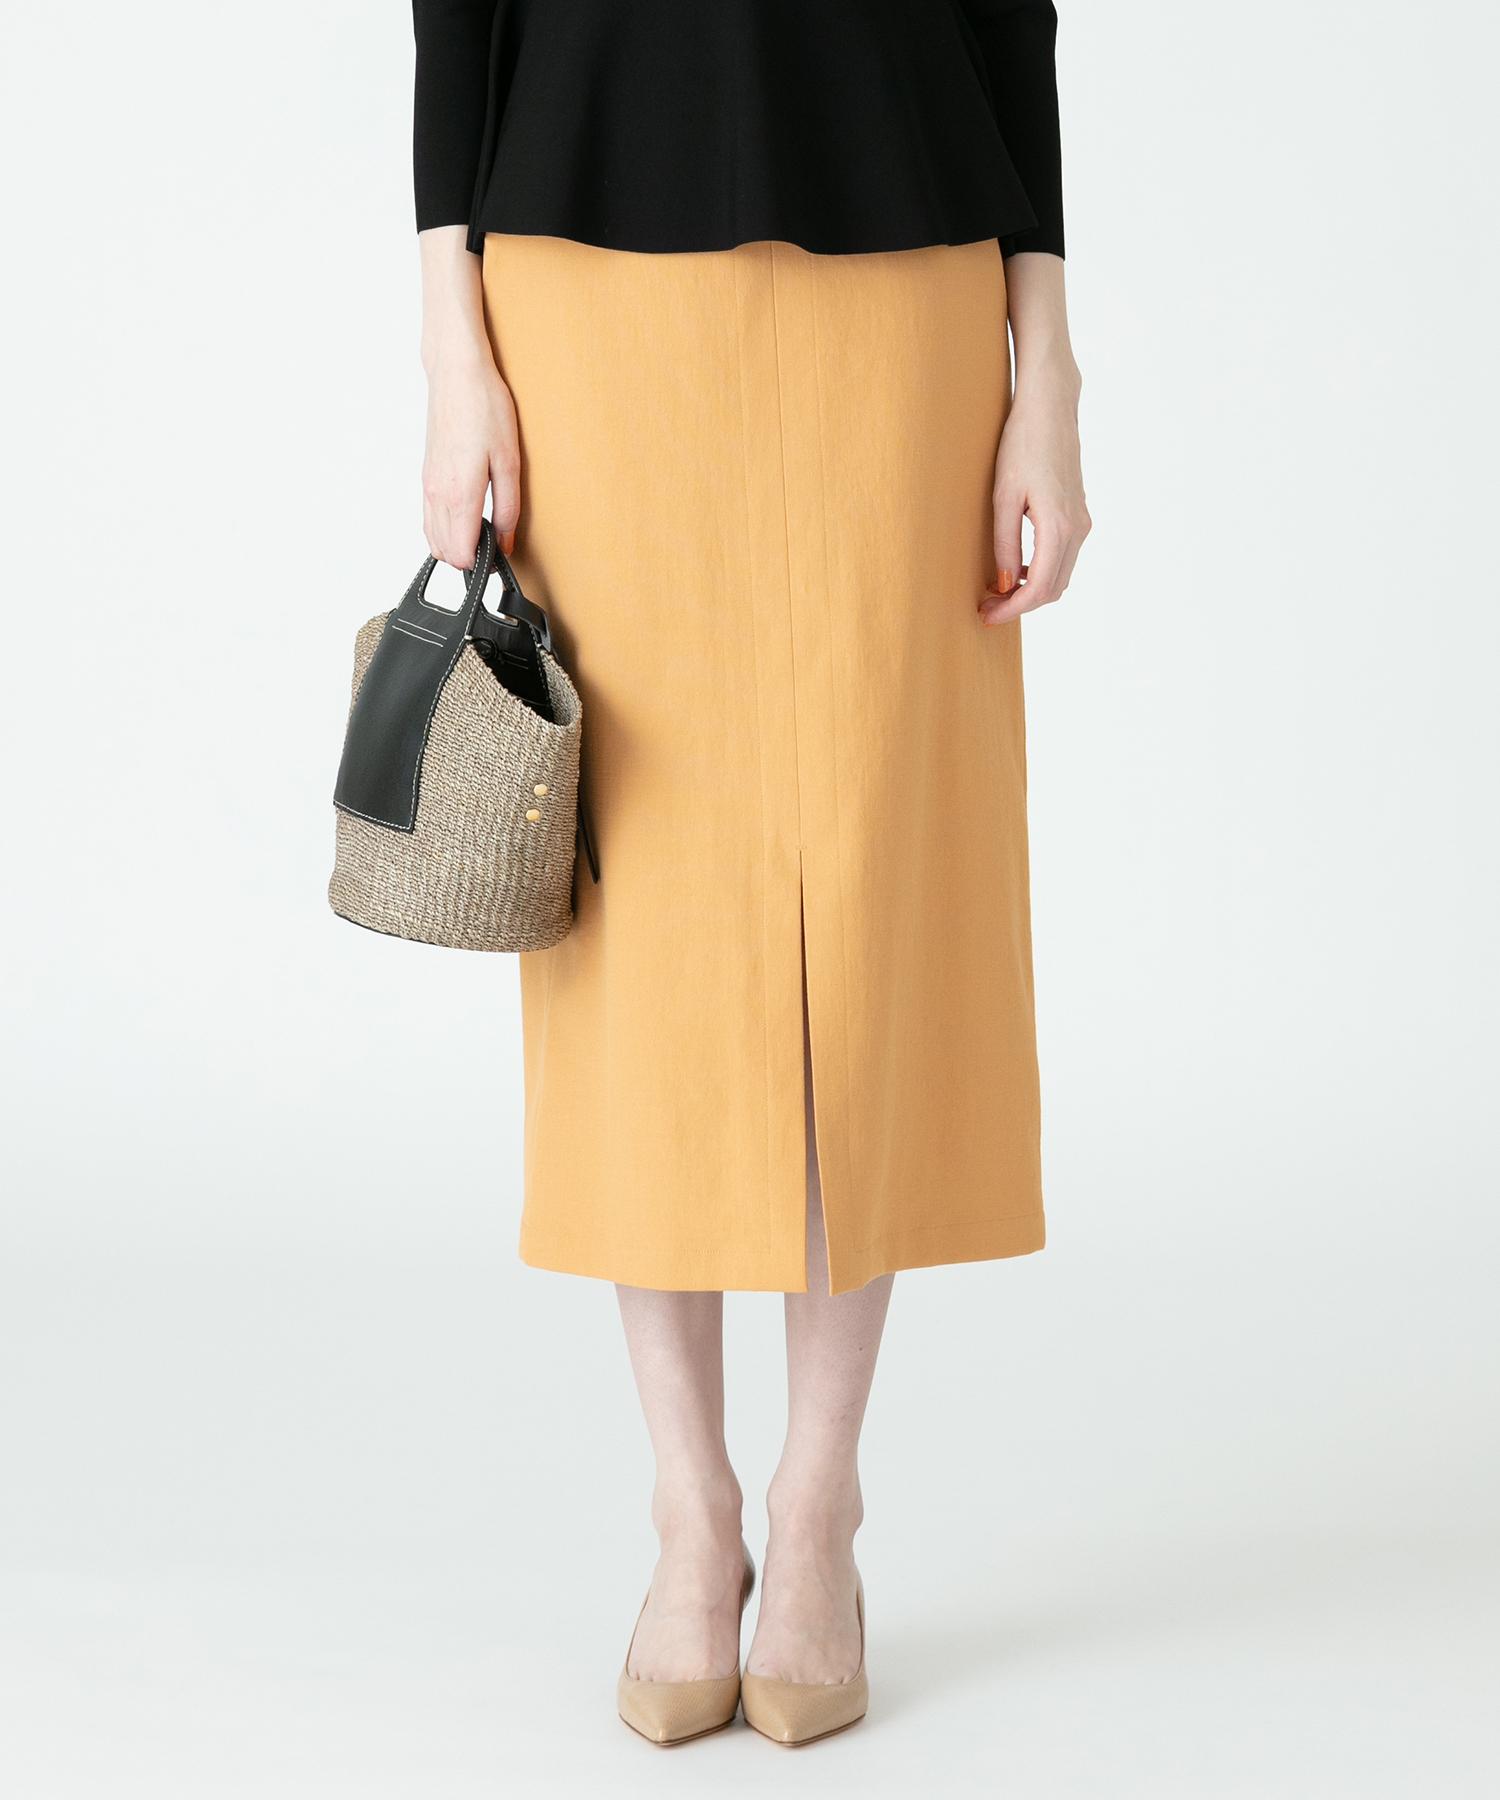 シェルタリングソフトAラインスカート